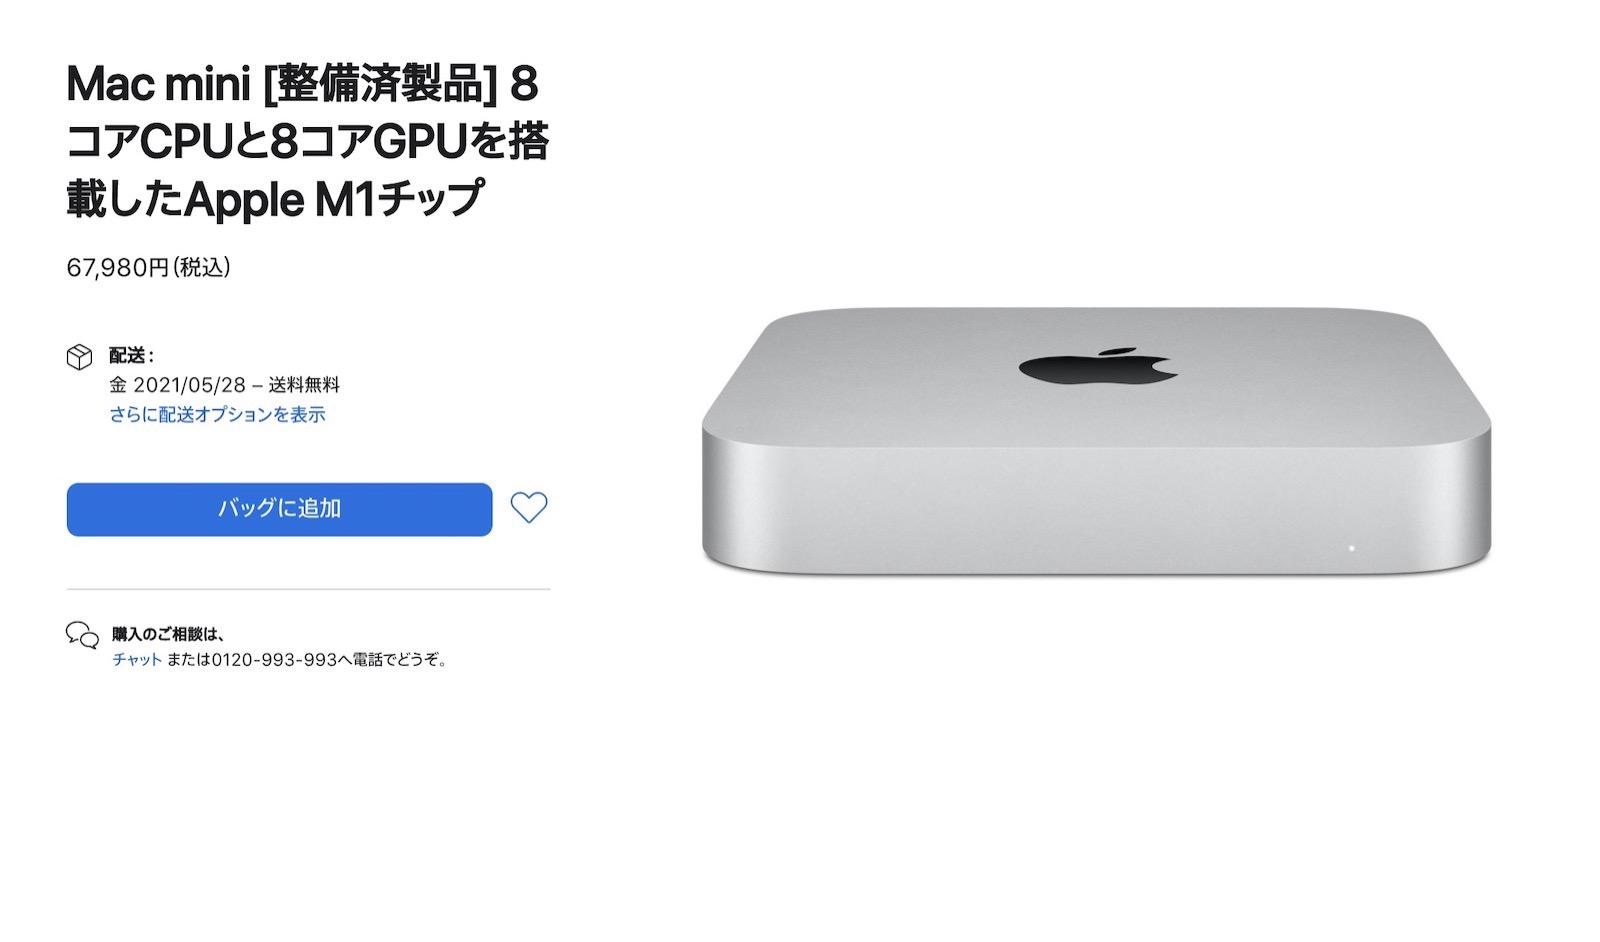 Mac refurbished model 20210527